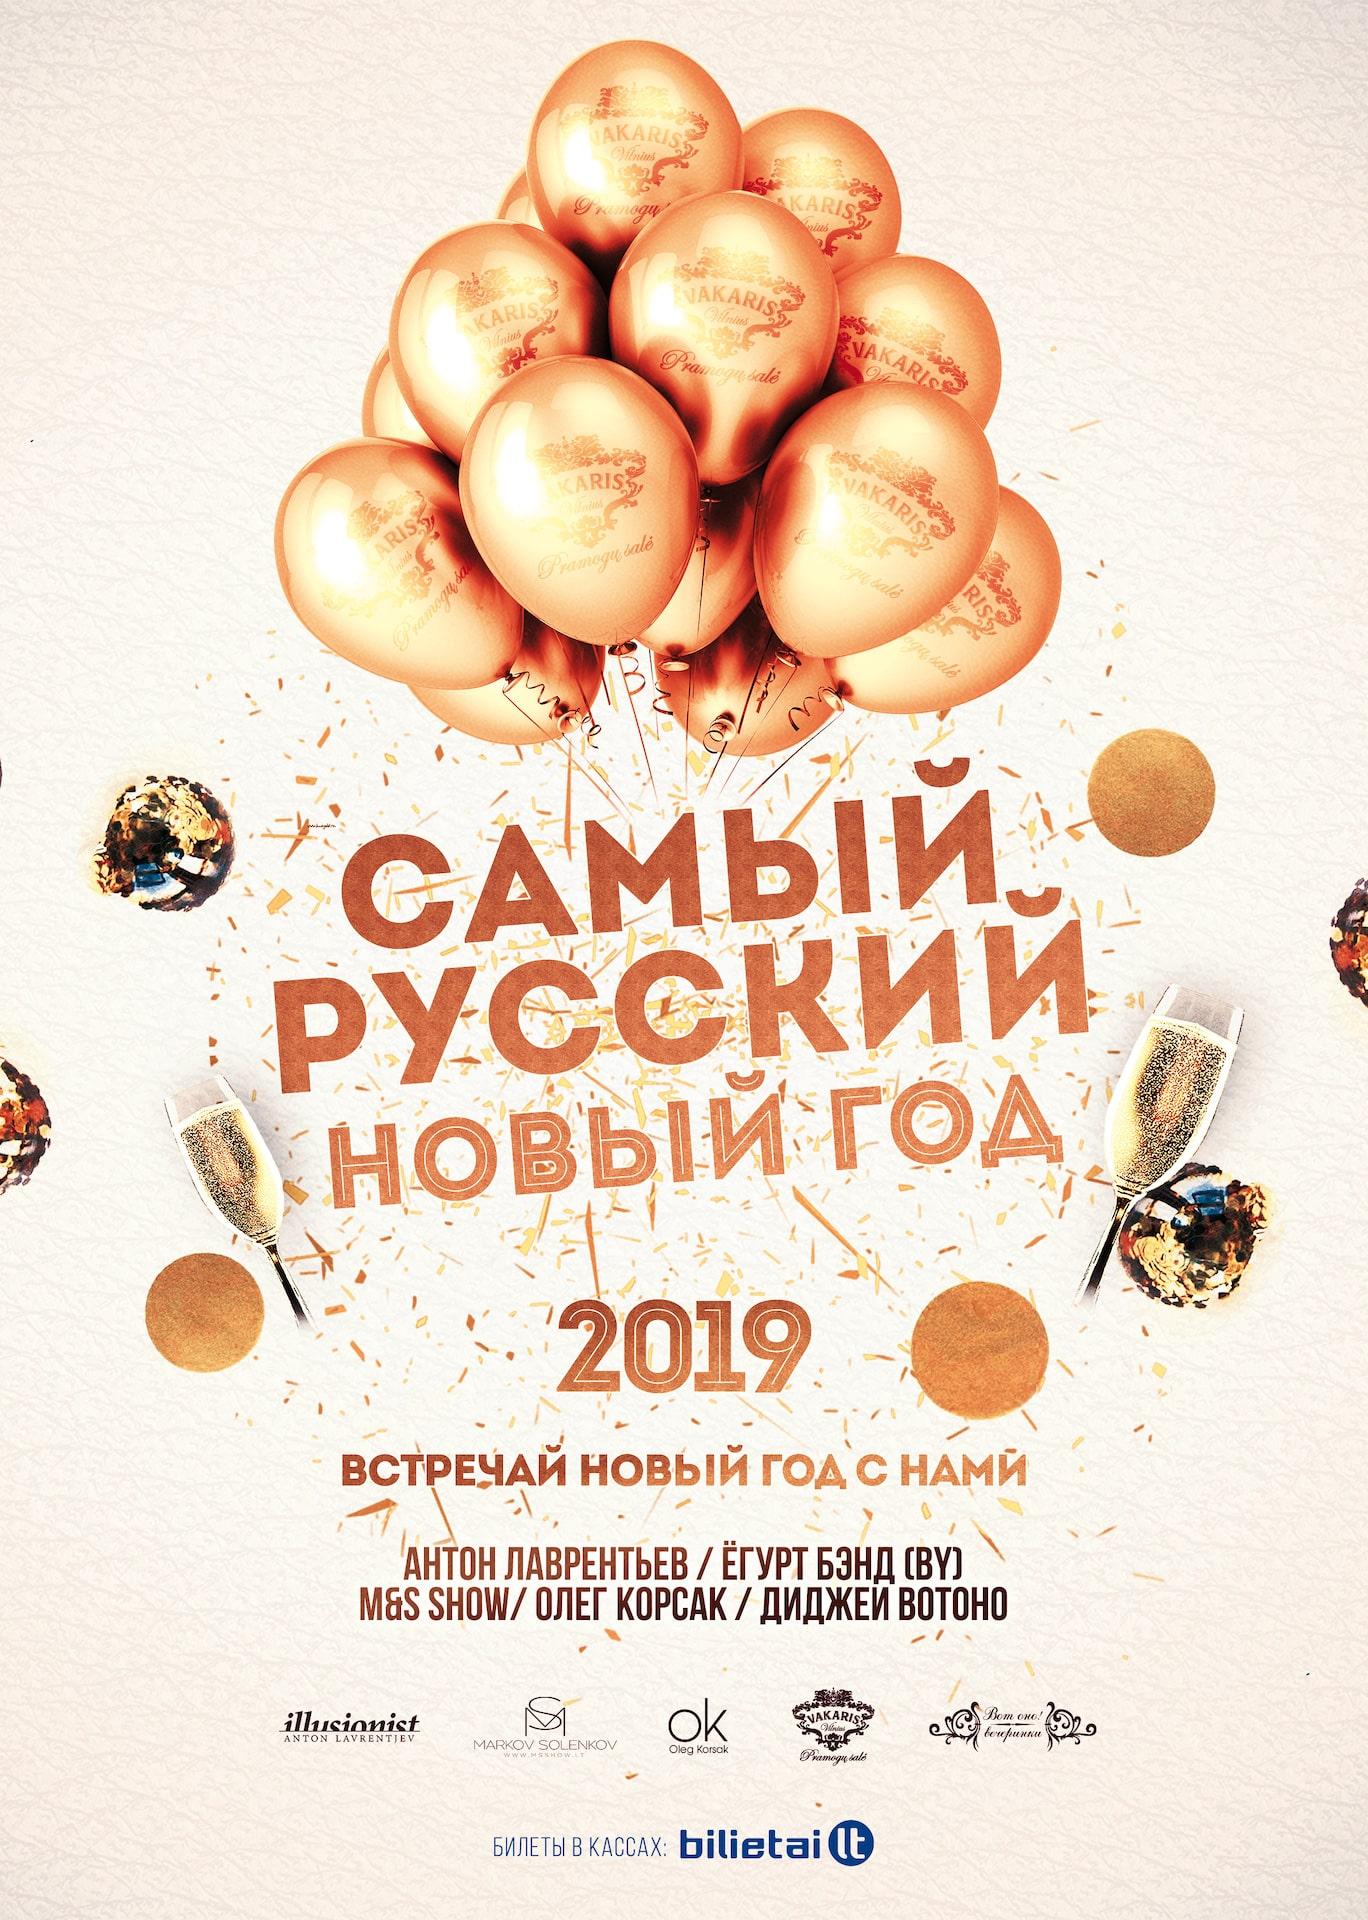 Самый Русский Новый Год 2019!